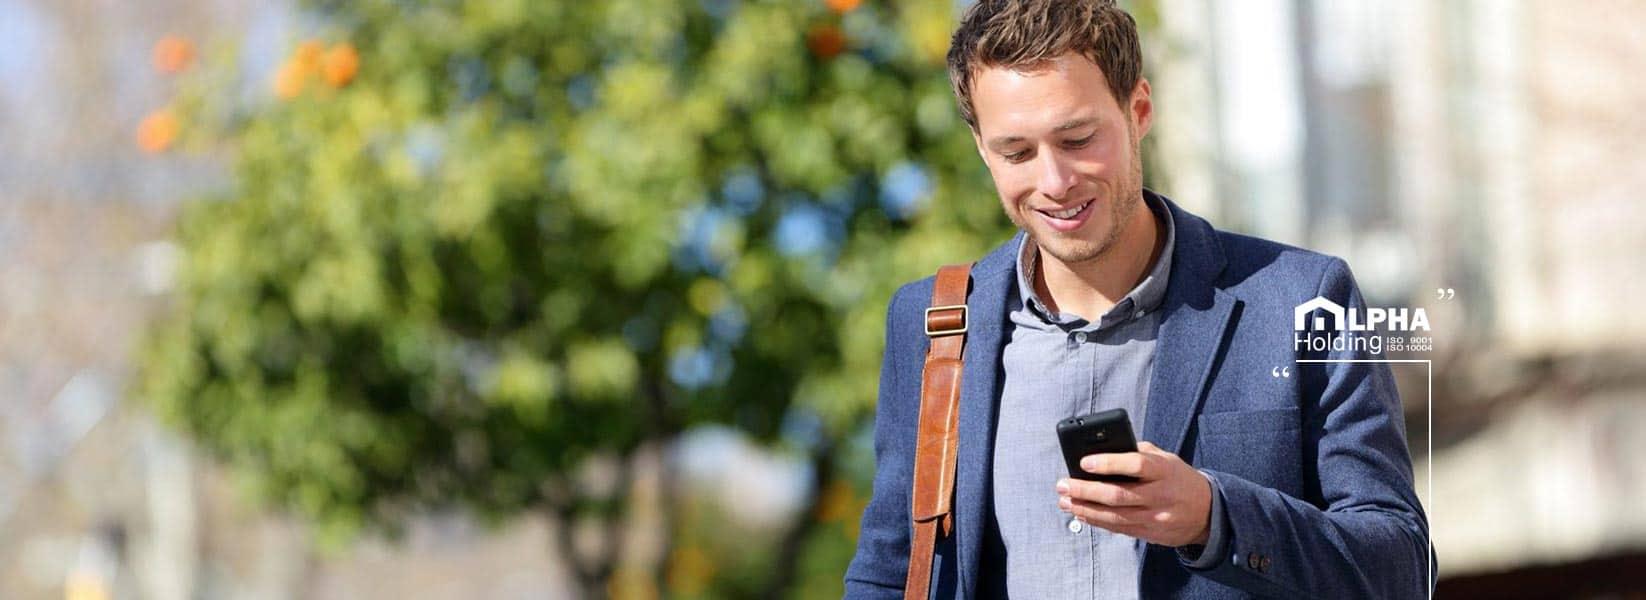 درباره کاربردهای اپلیکیشن خانه هوشمند آلفا بیشتر بدانید!